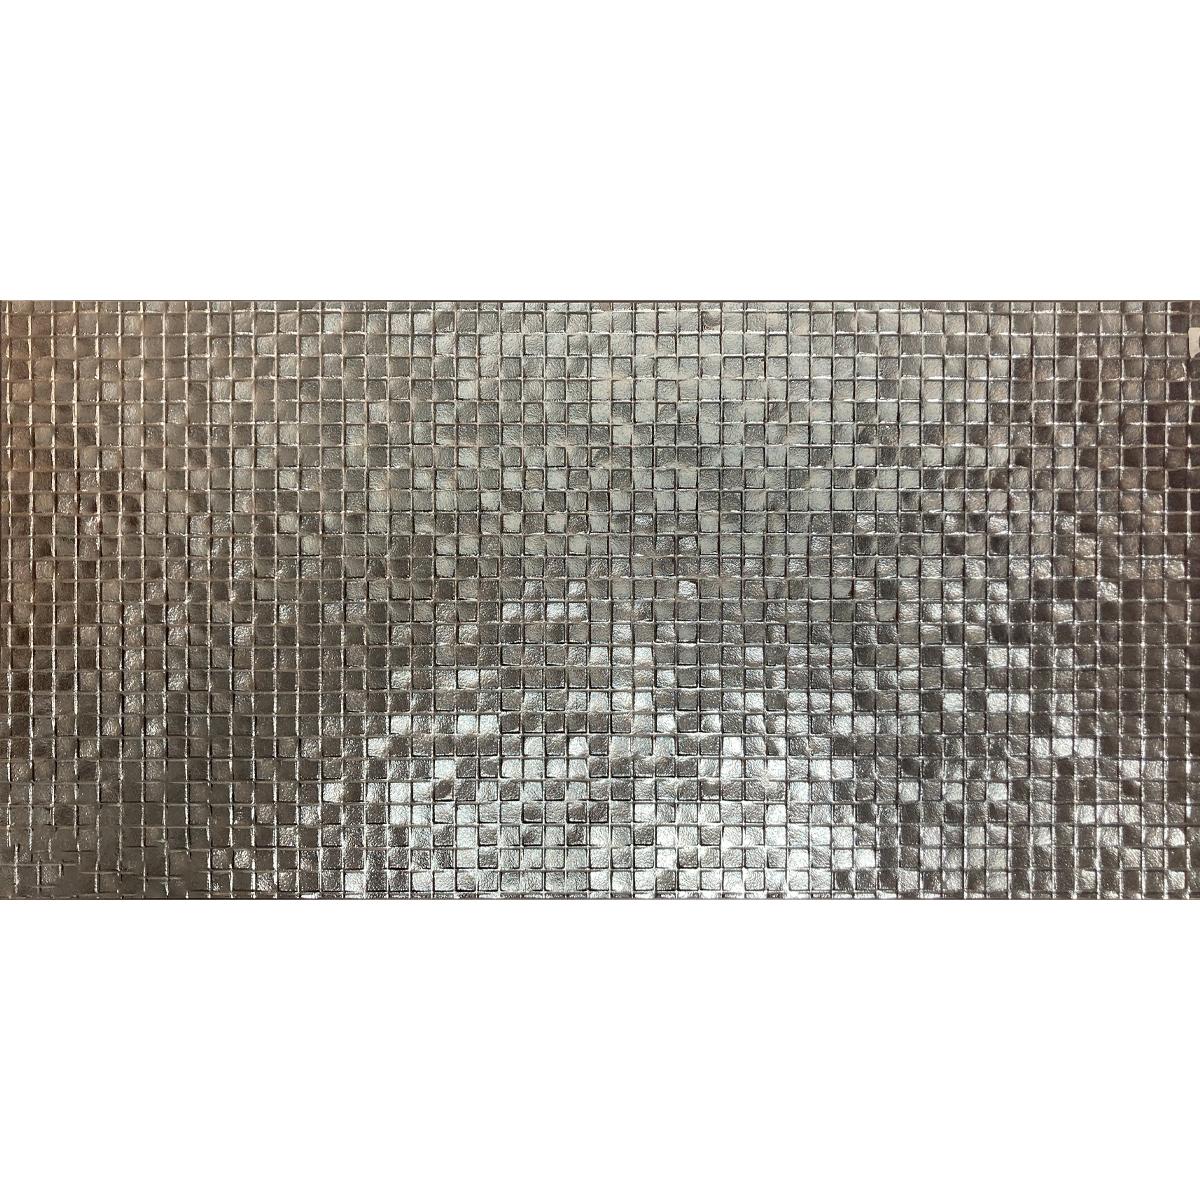 Ritz Cher Metal MAtte D00014